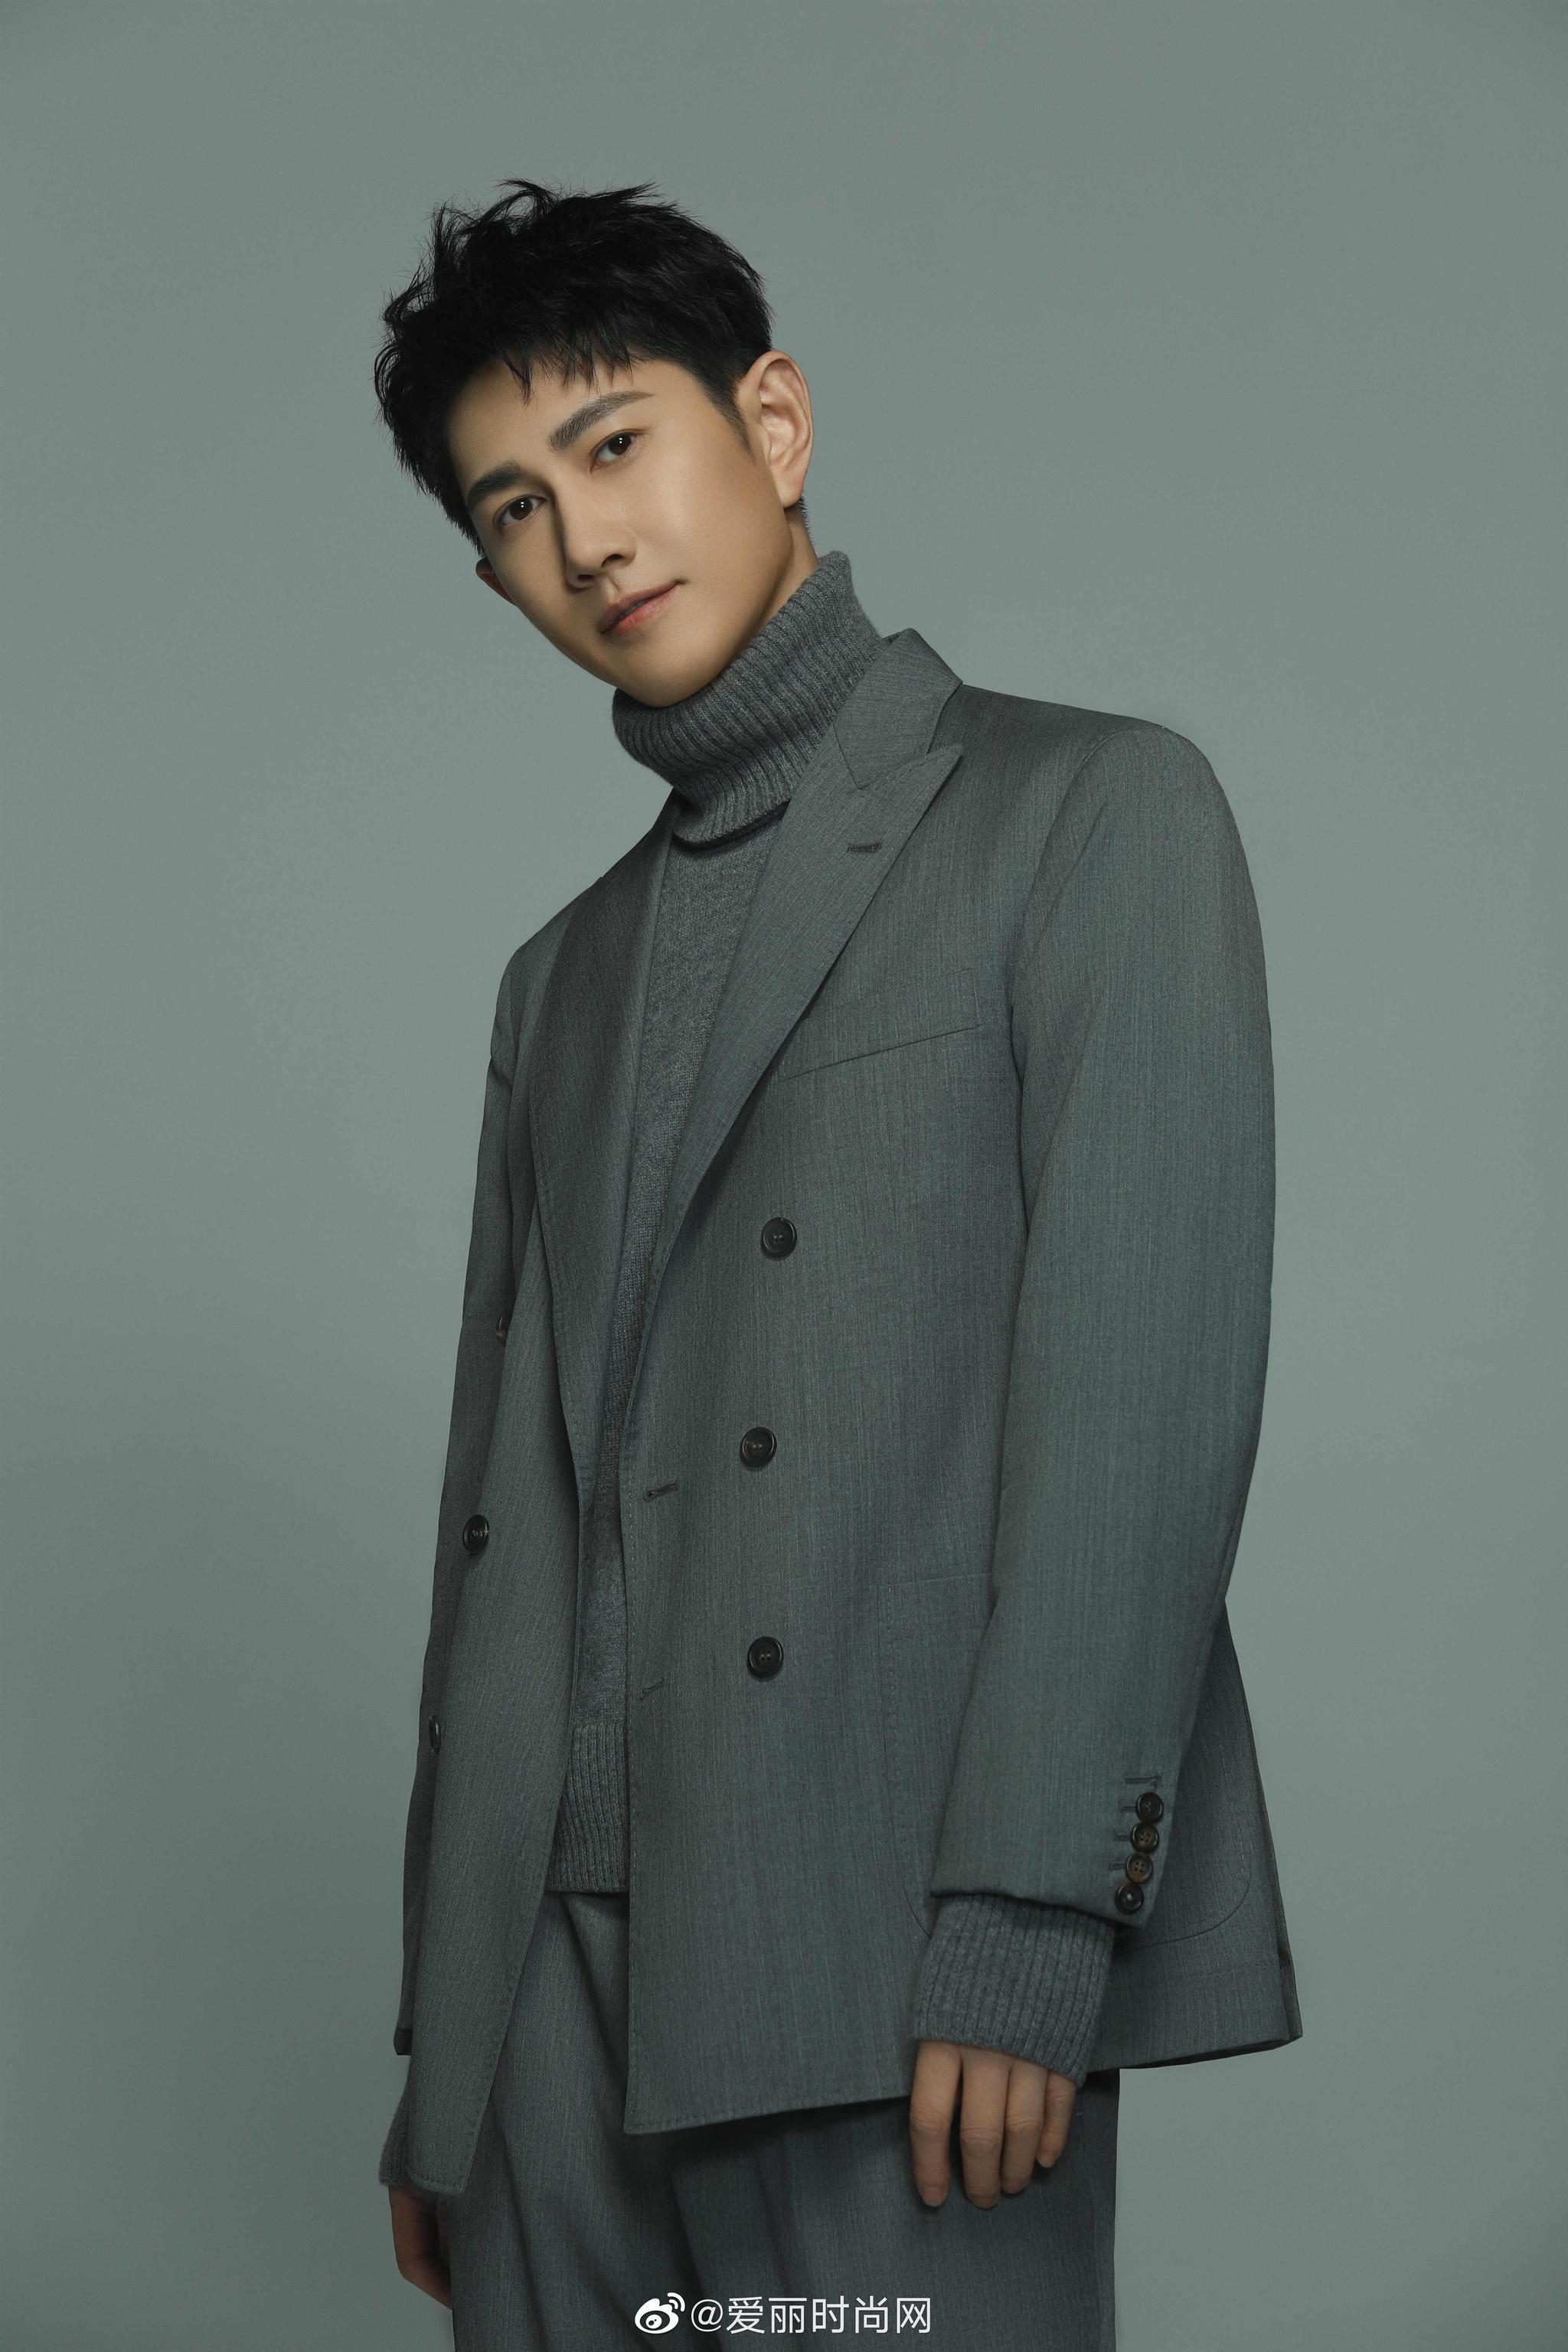 实力演员@何明翰 曝光一组写时尚真,整体灰色系造型潇洒俊逸